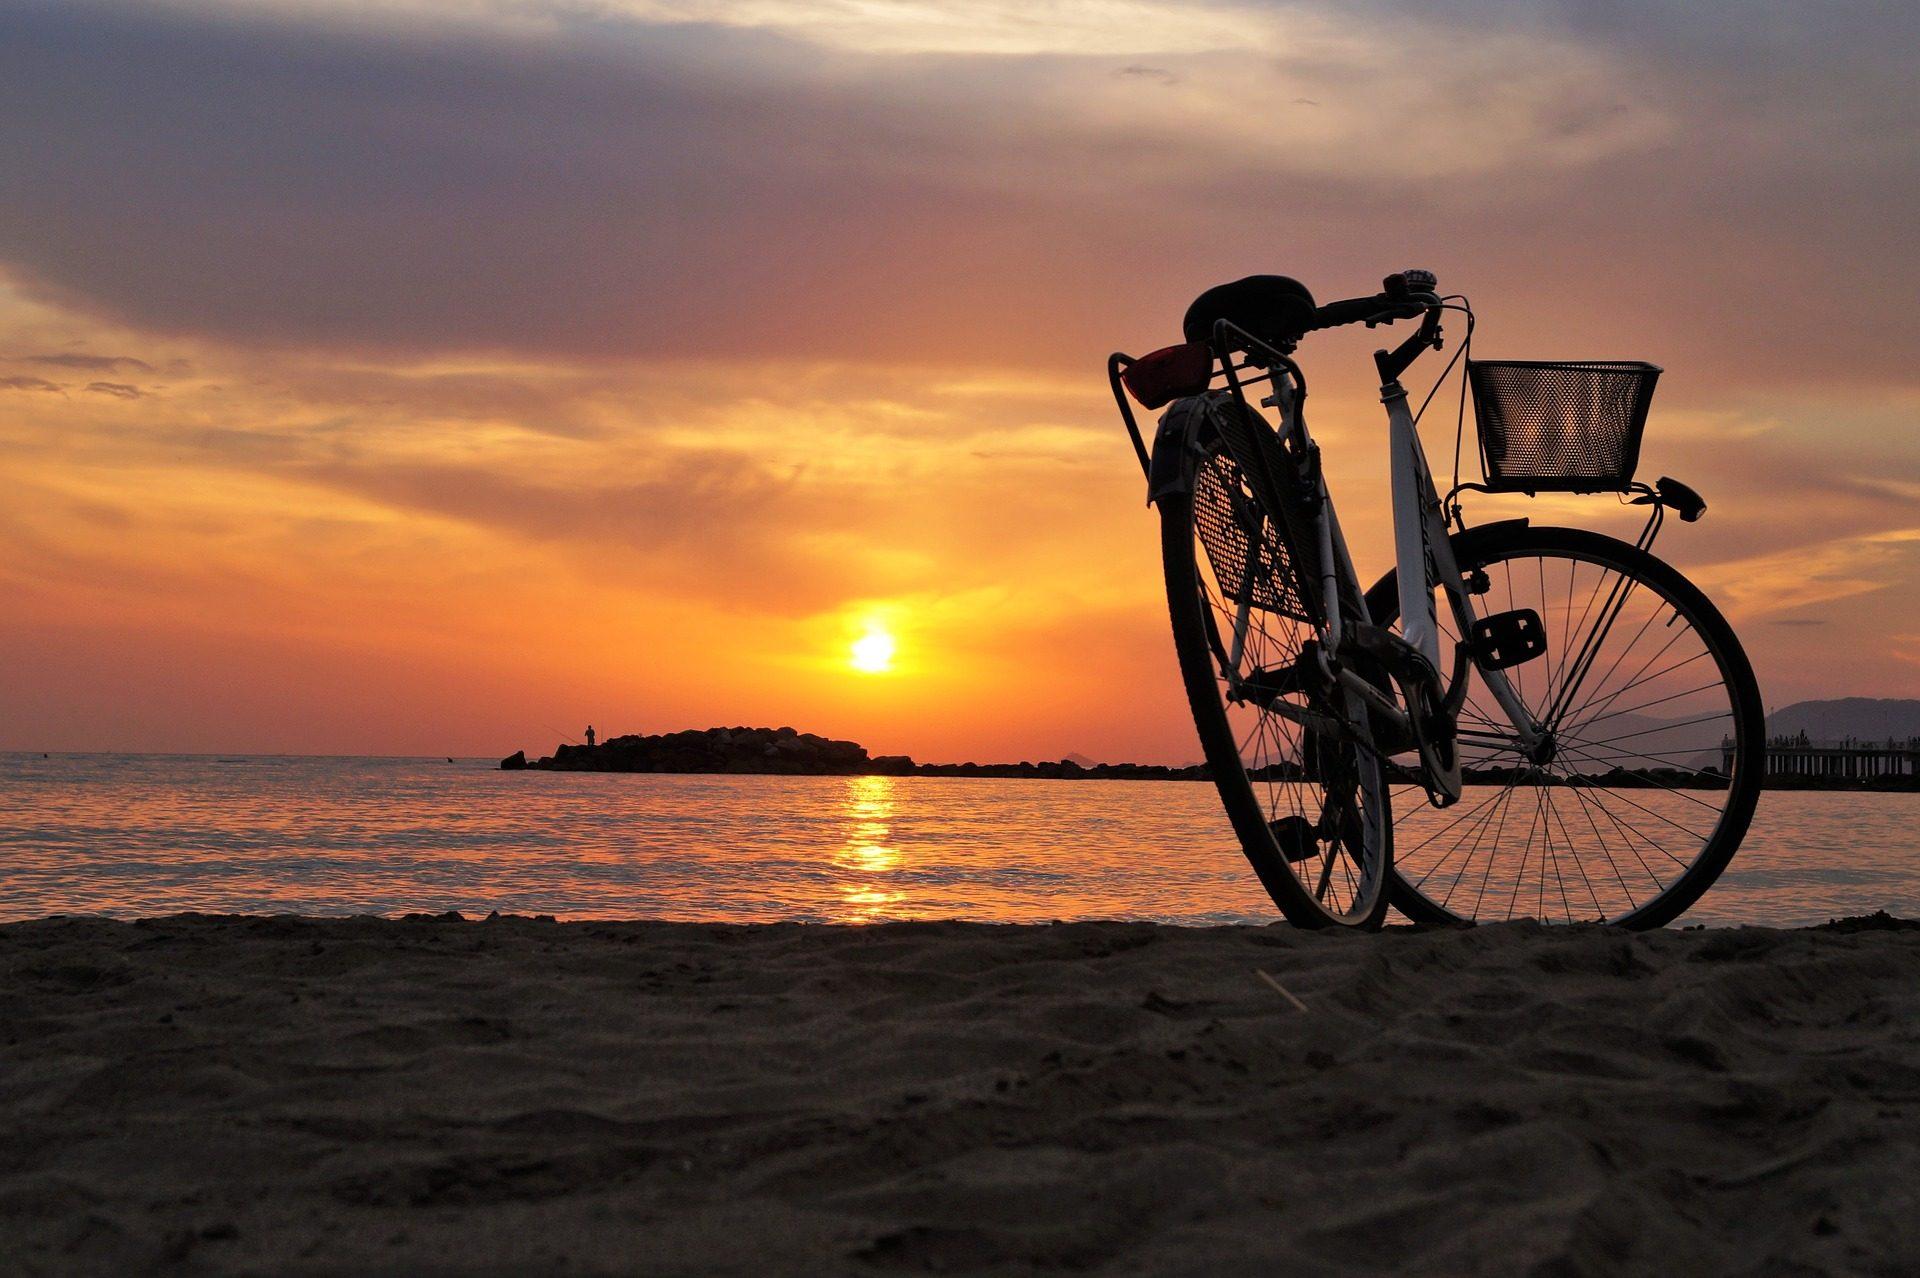 साइकिल, समुद्र तट, रेत, सूर्यास्त, सागर, आराम - HD वॉलपेपर - प्रोफेसर-falken.com